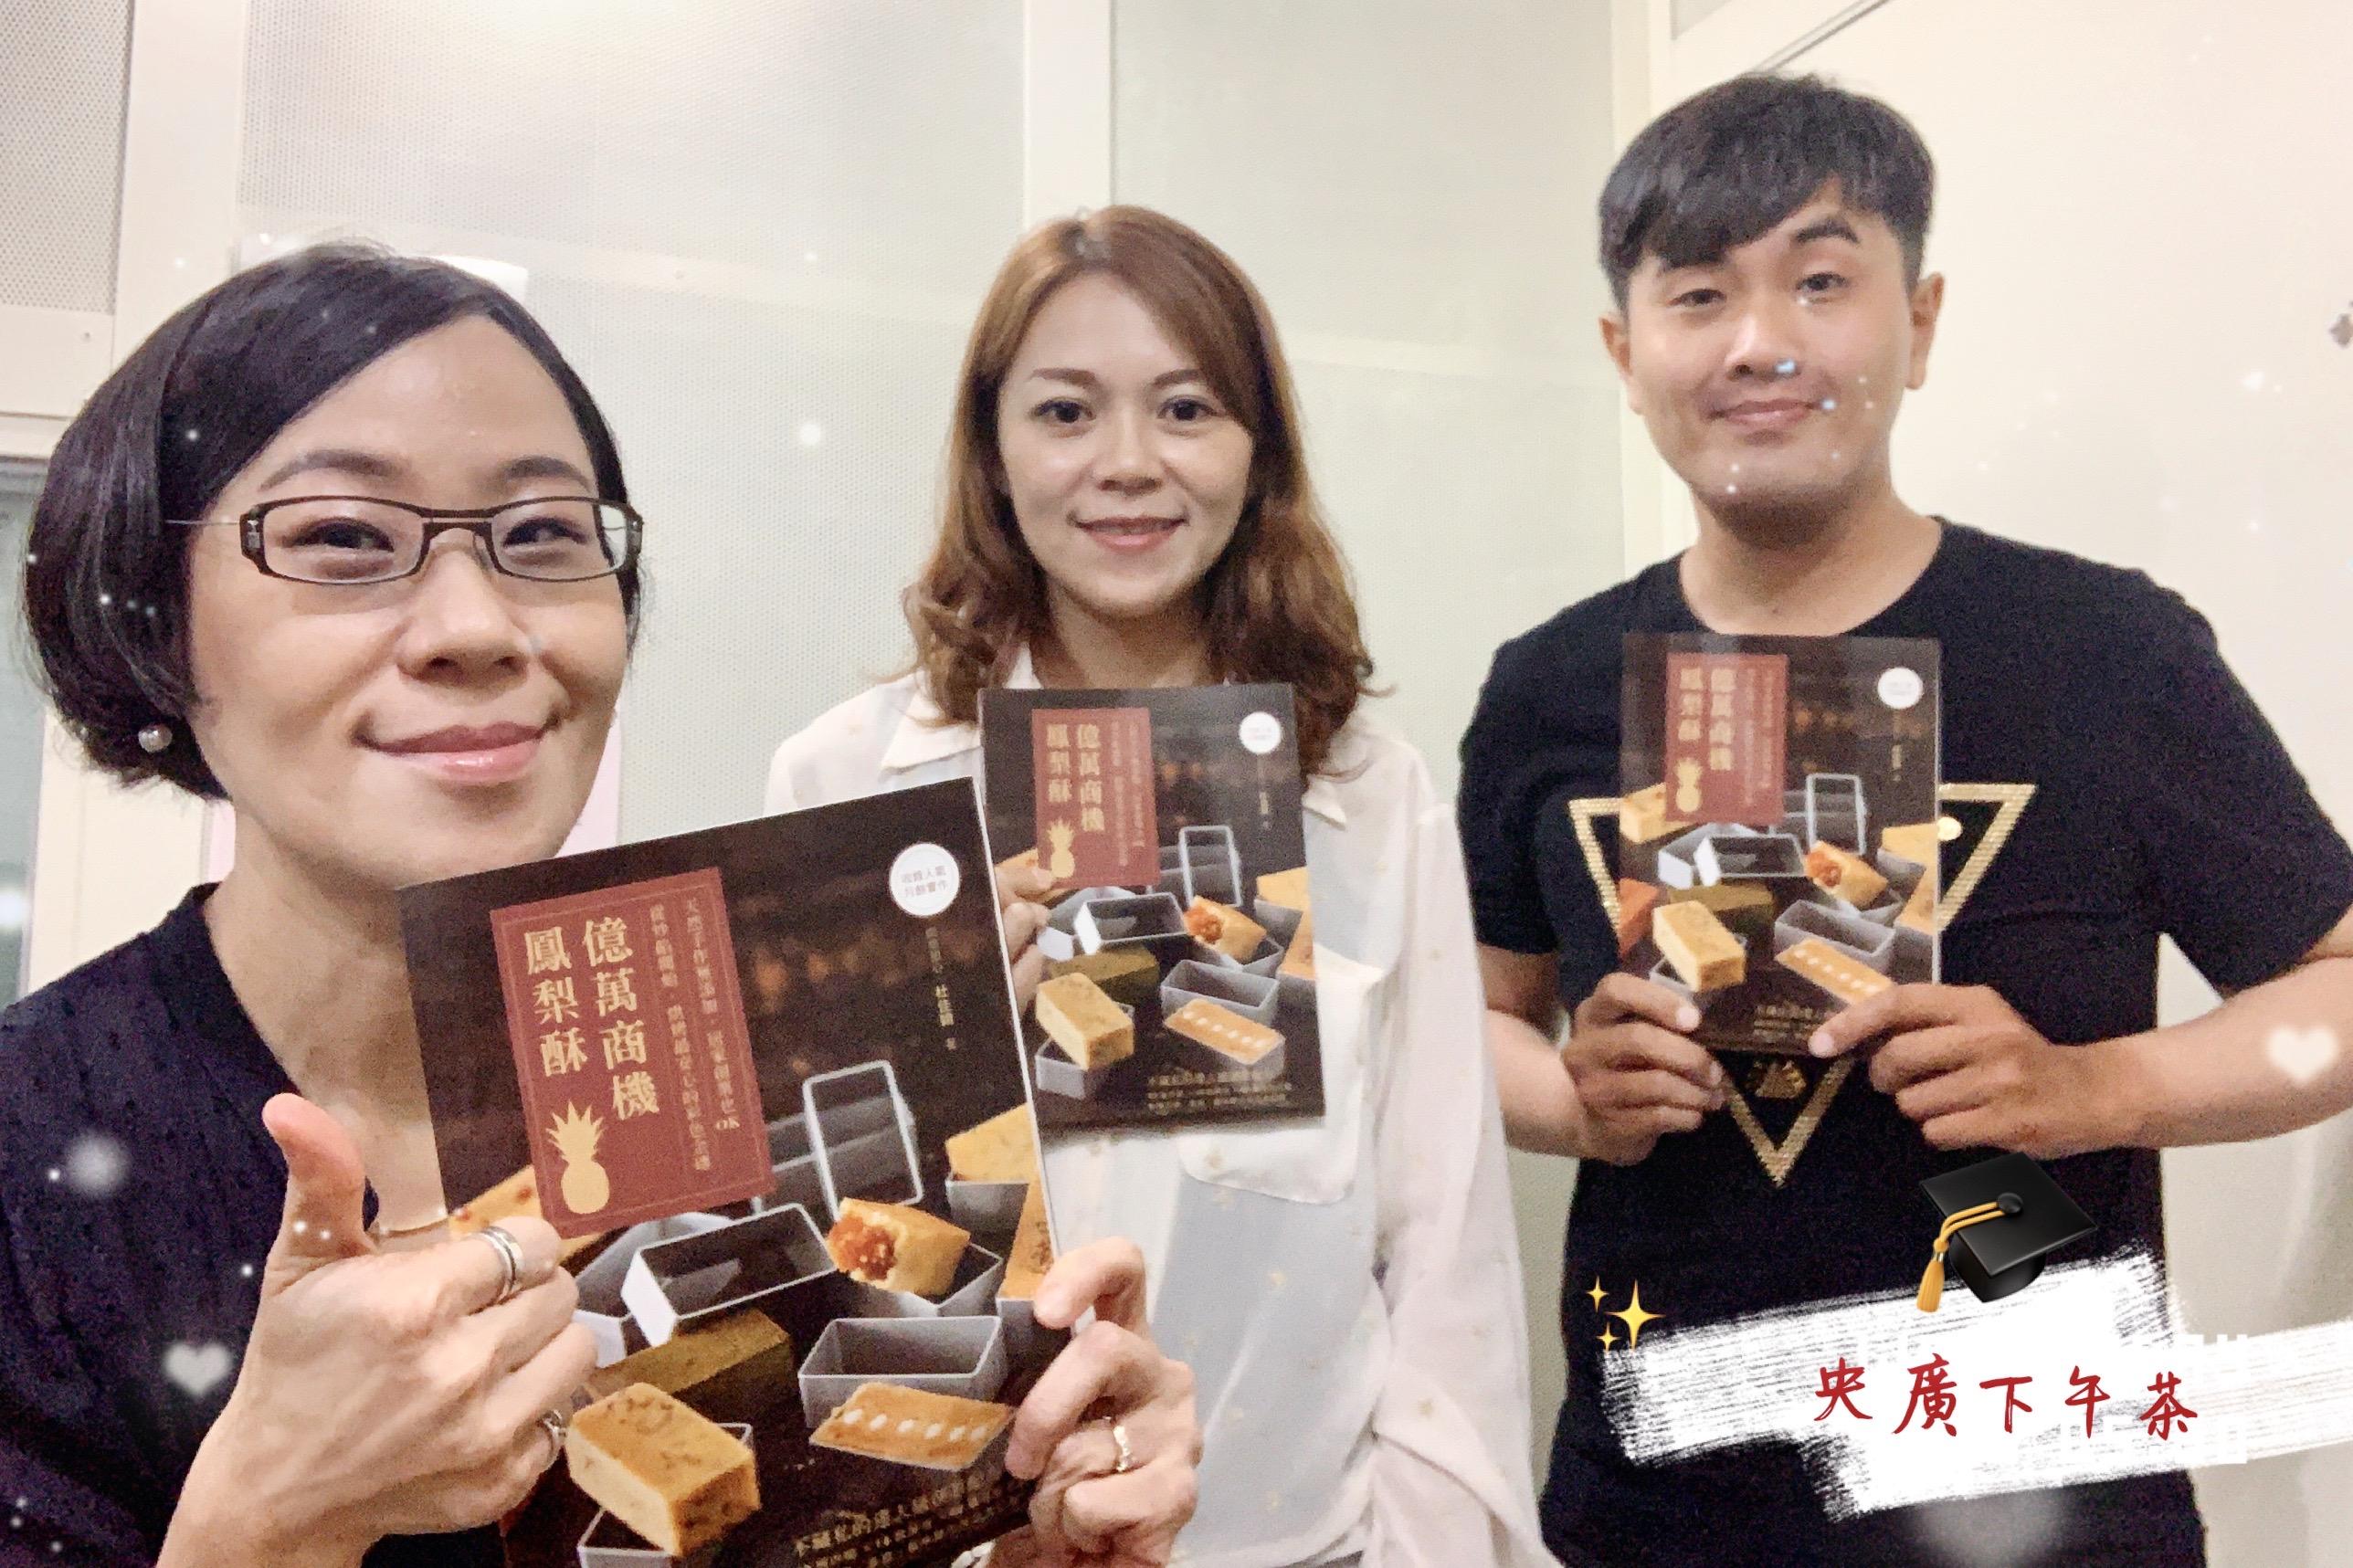 台灣最美麗的甜點大師-杜佳穎